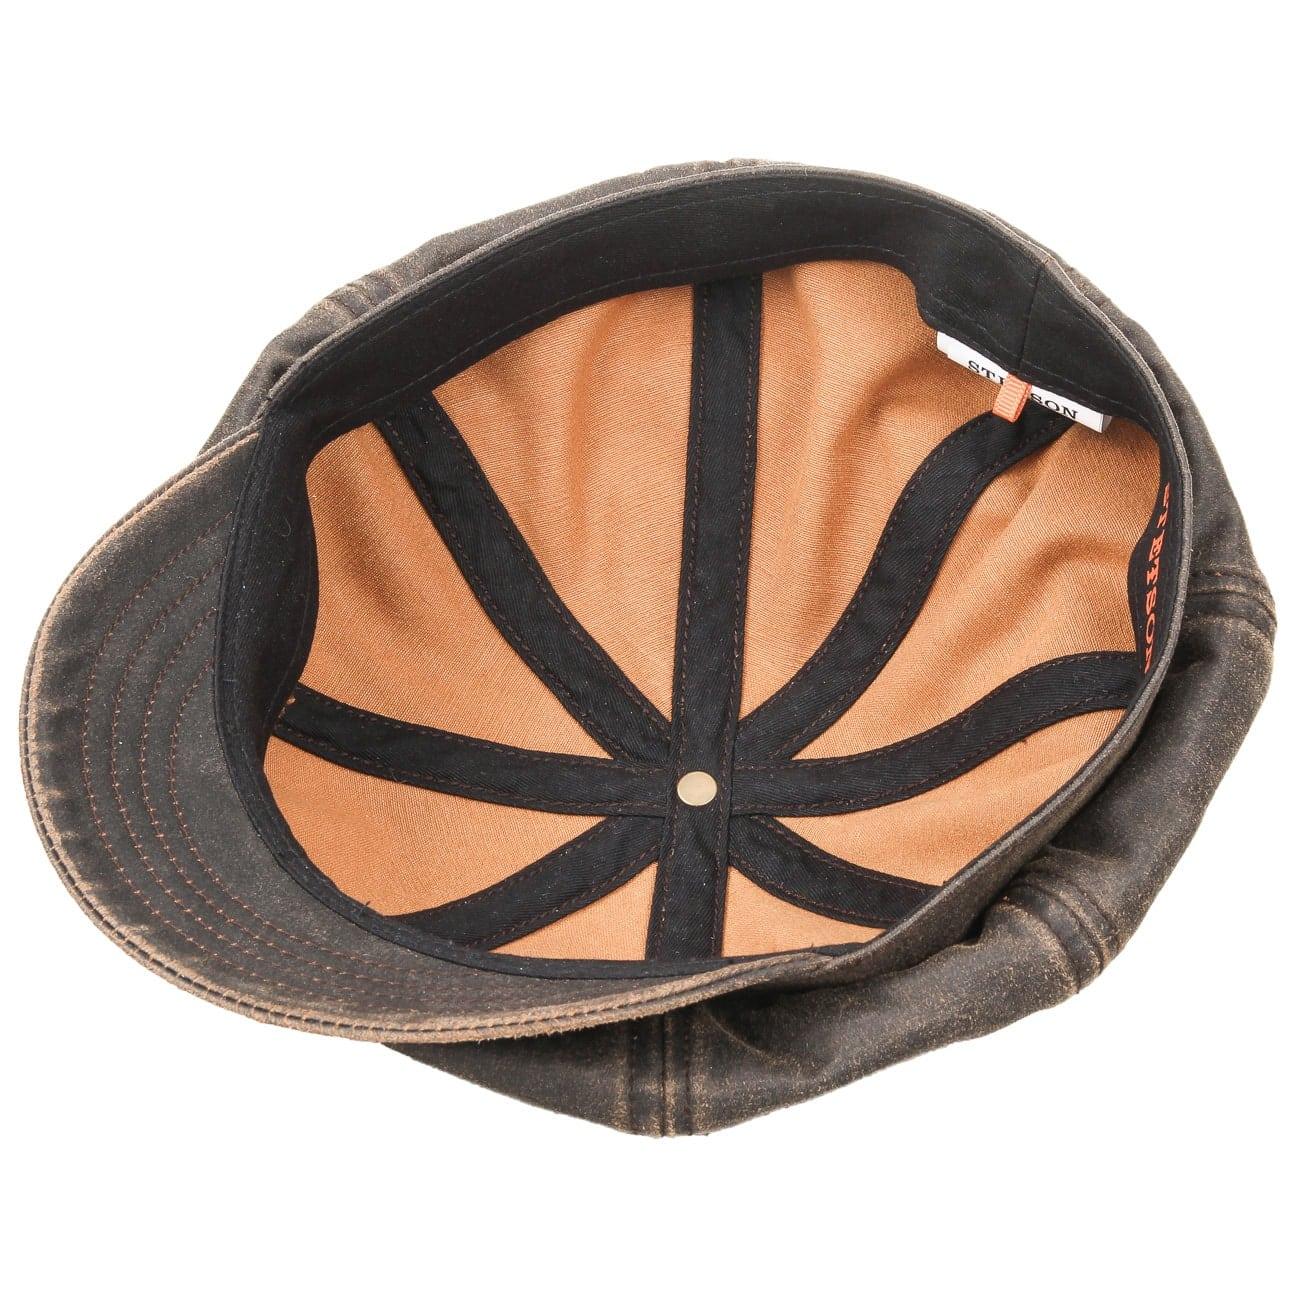 Gorra Safford Newsboy by Stetson - Gorras - sombreroshop.es b27c3c83a61